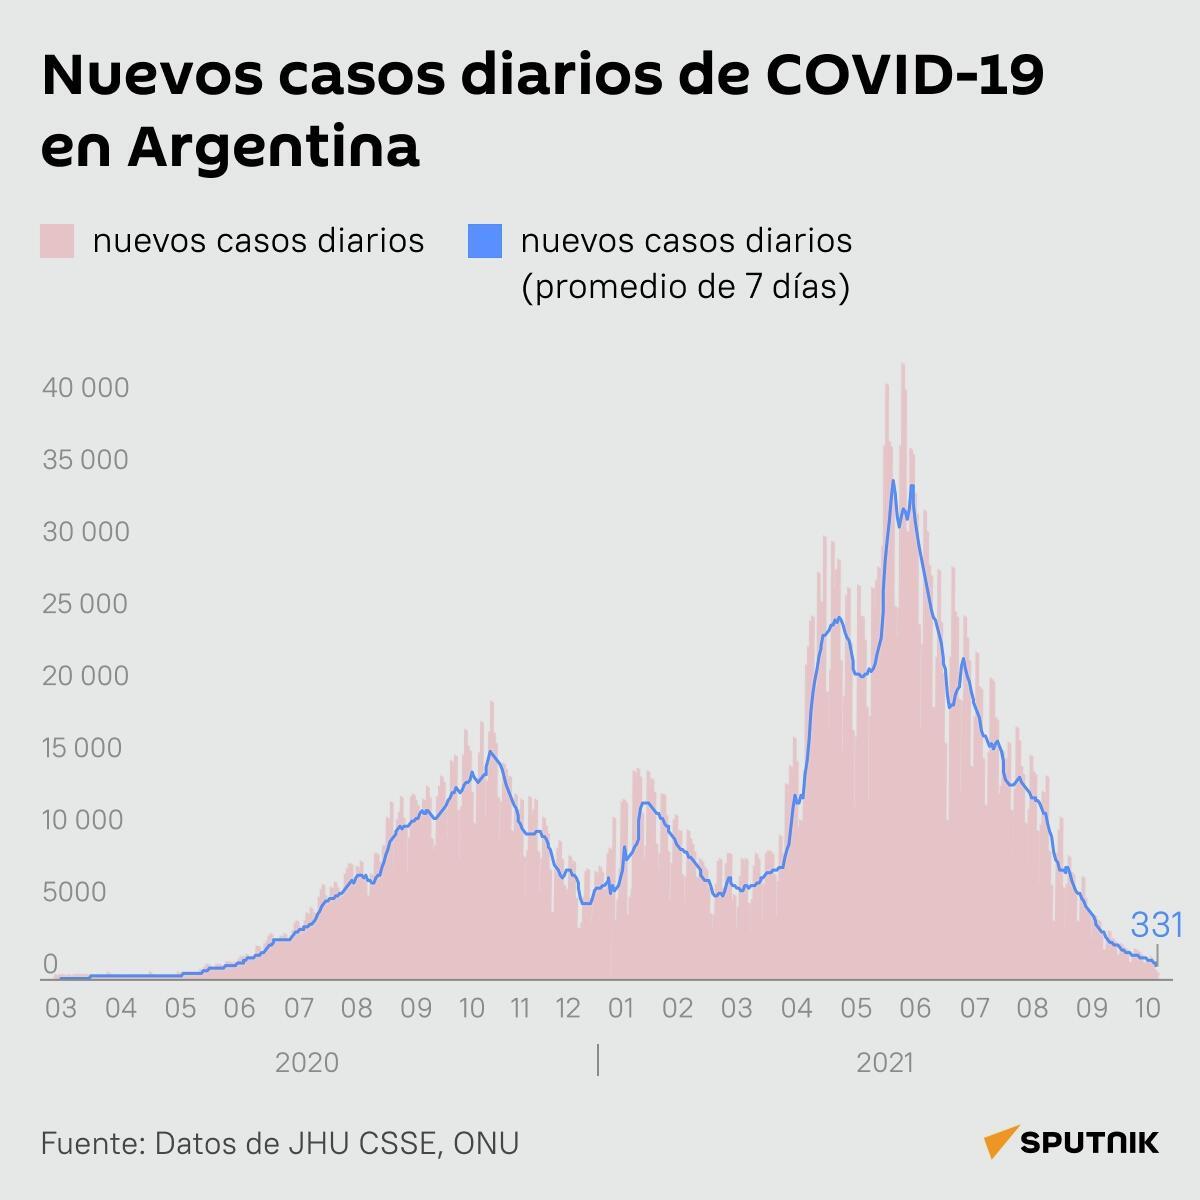 Nuevos casos diarios de COVID-19 en Argentina - Sputnik Mundo